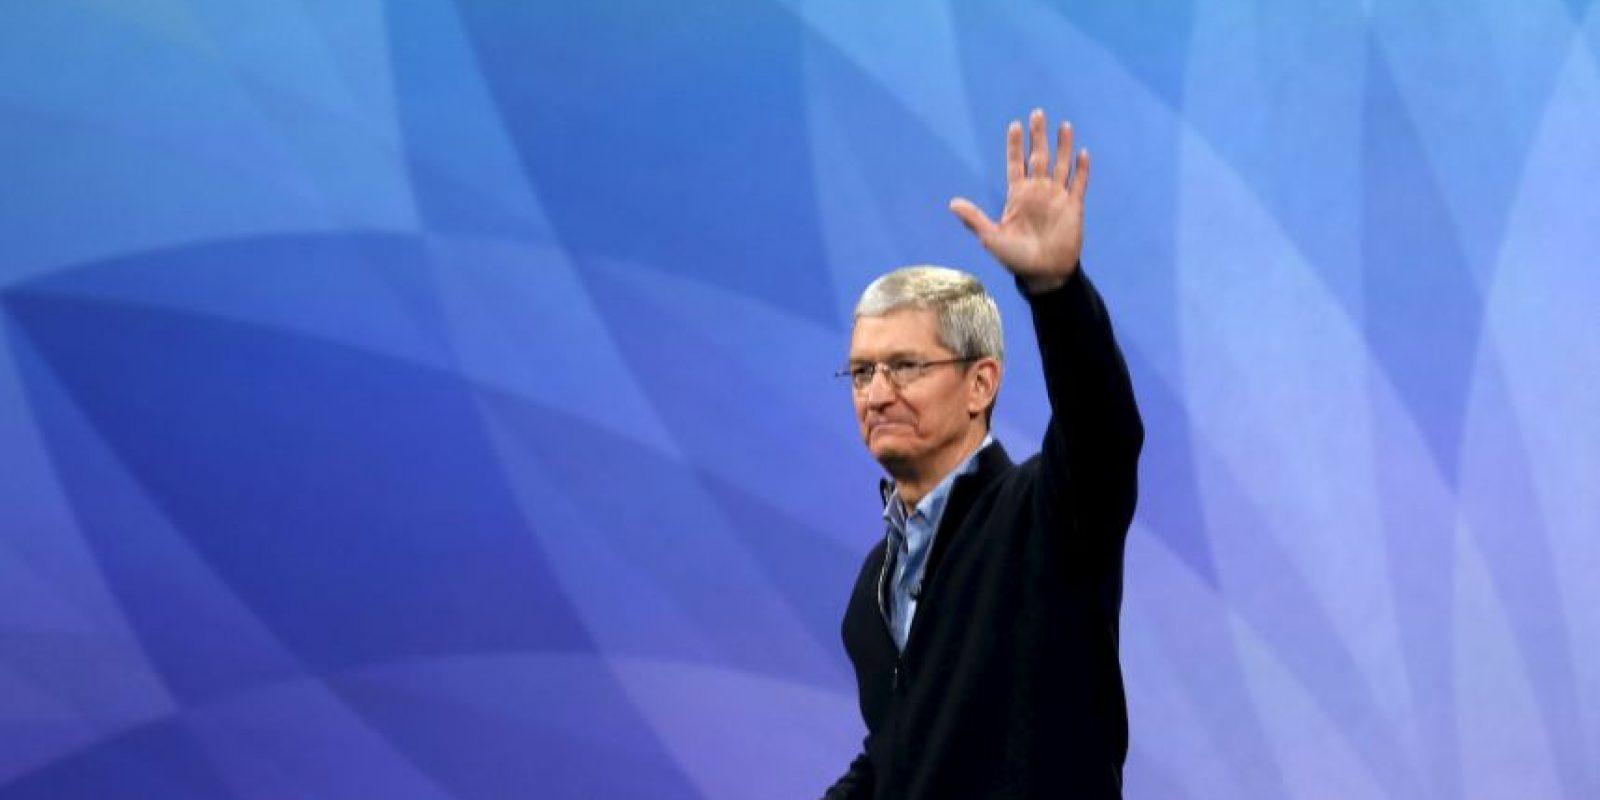 Tim Cook. El CEO de Apple nació en Alabama, Estados Unidos, hace 54 años: el 1 de noviembre de 1960. Foto:Getty Images